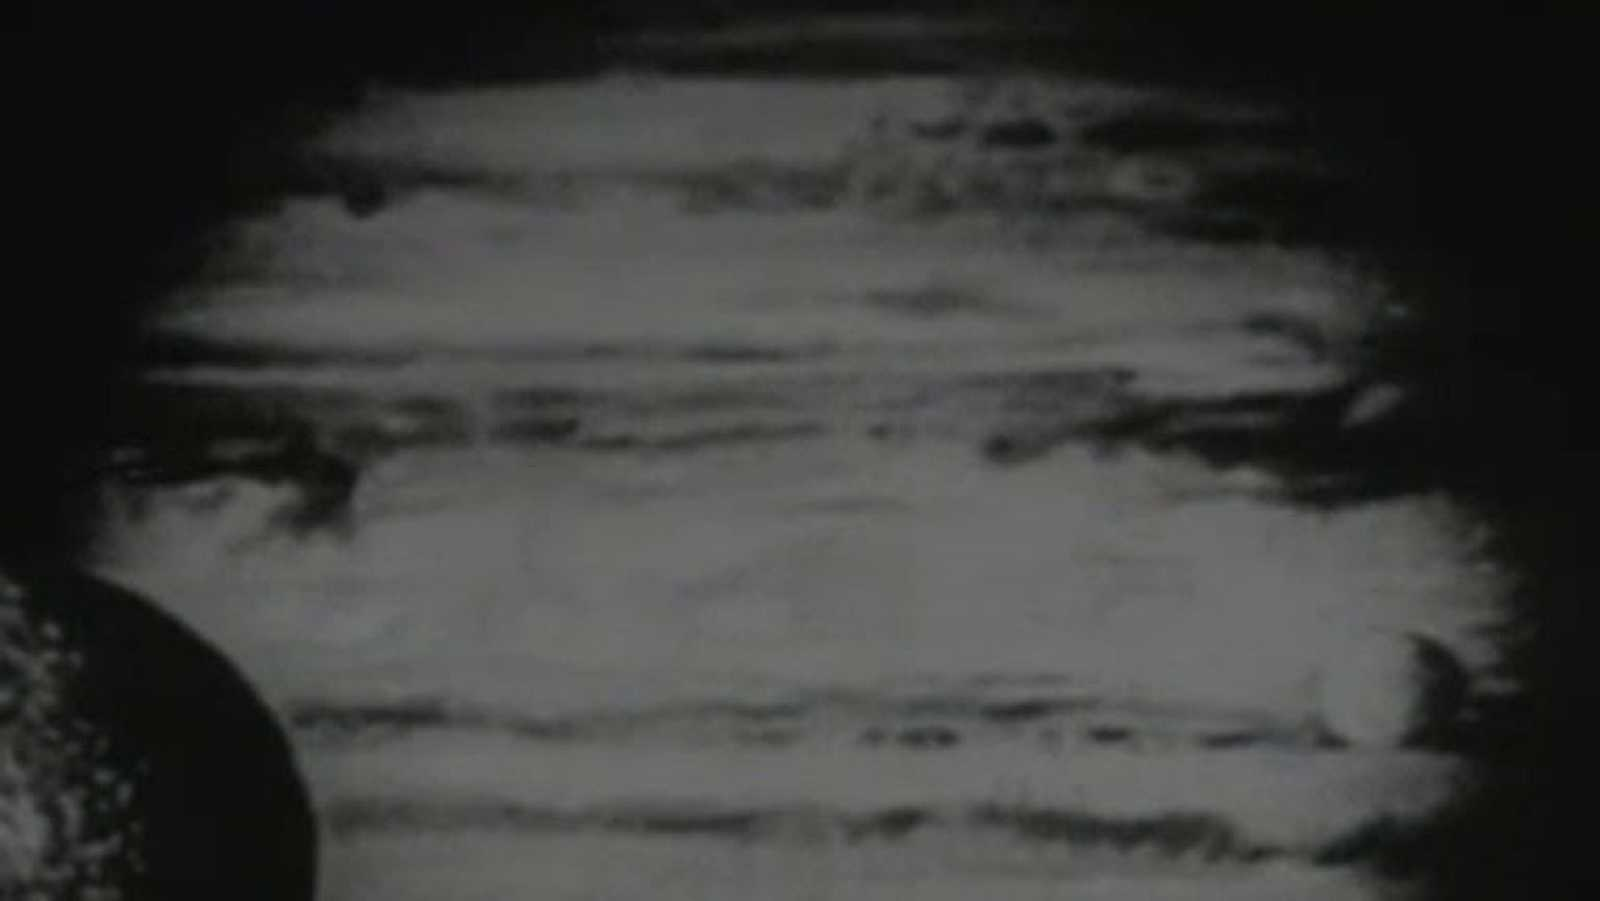 Más allá - El origen de los extraterrestres (I)